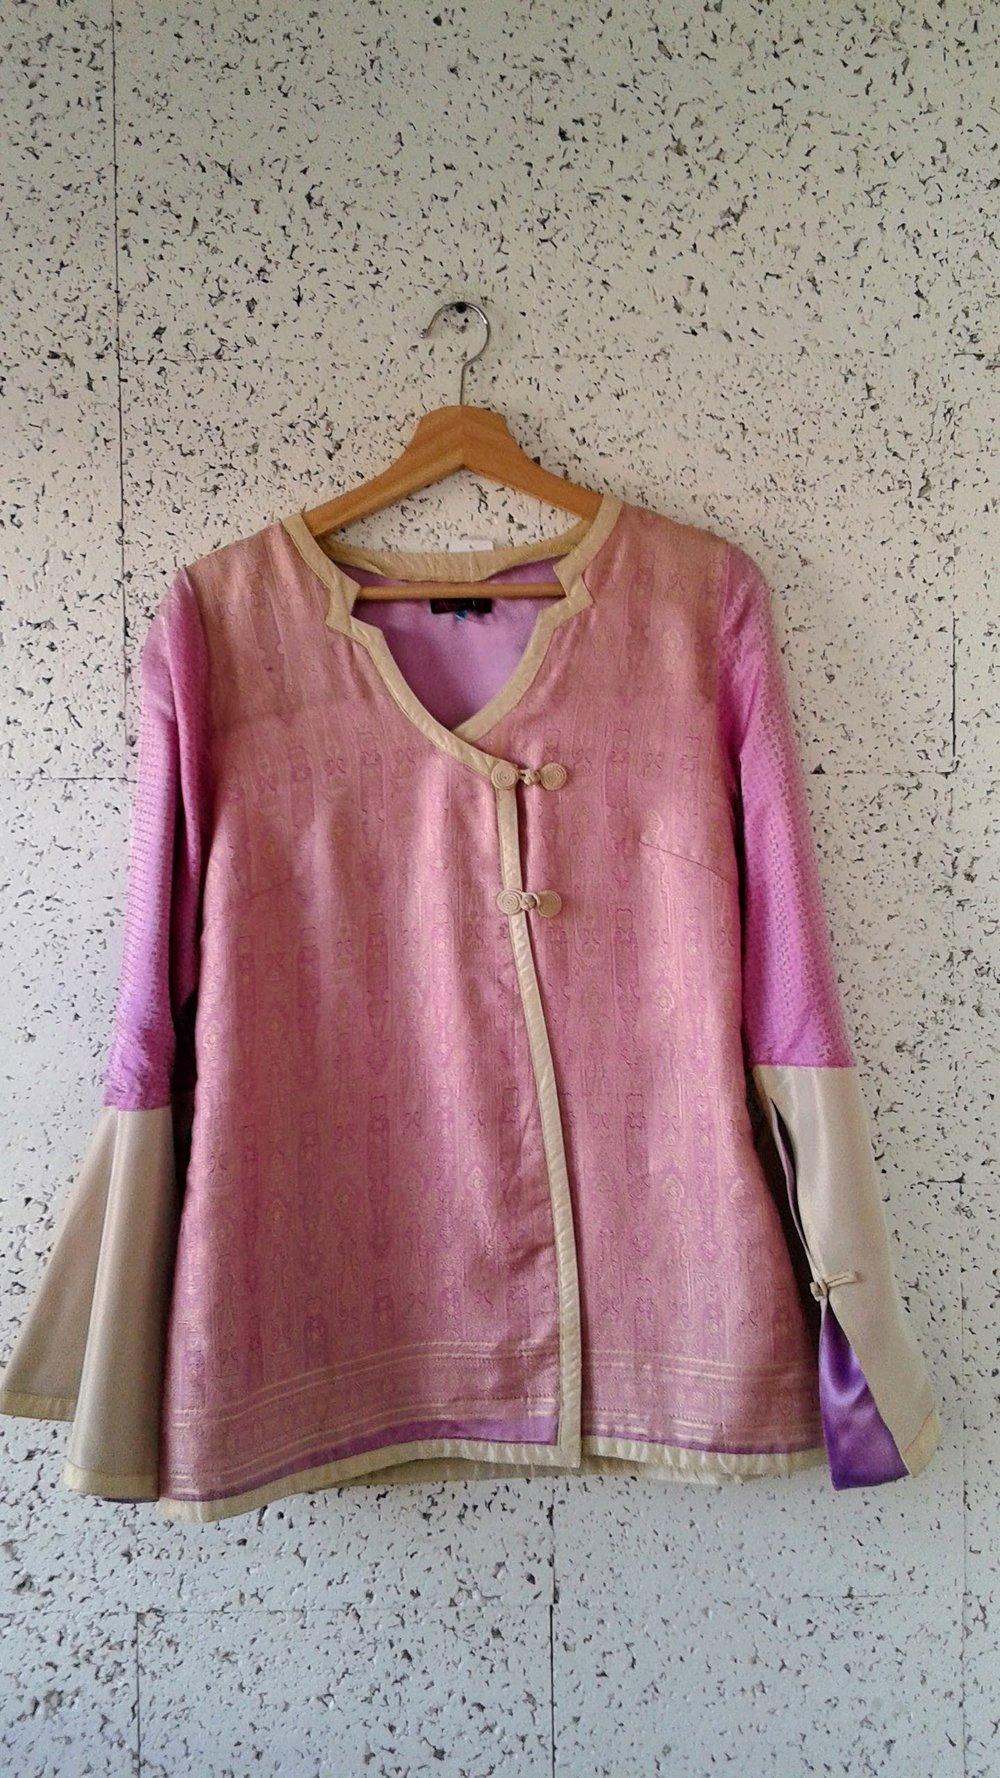 Maggie Walt top; Size M, $36